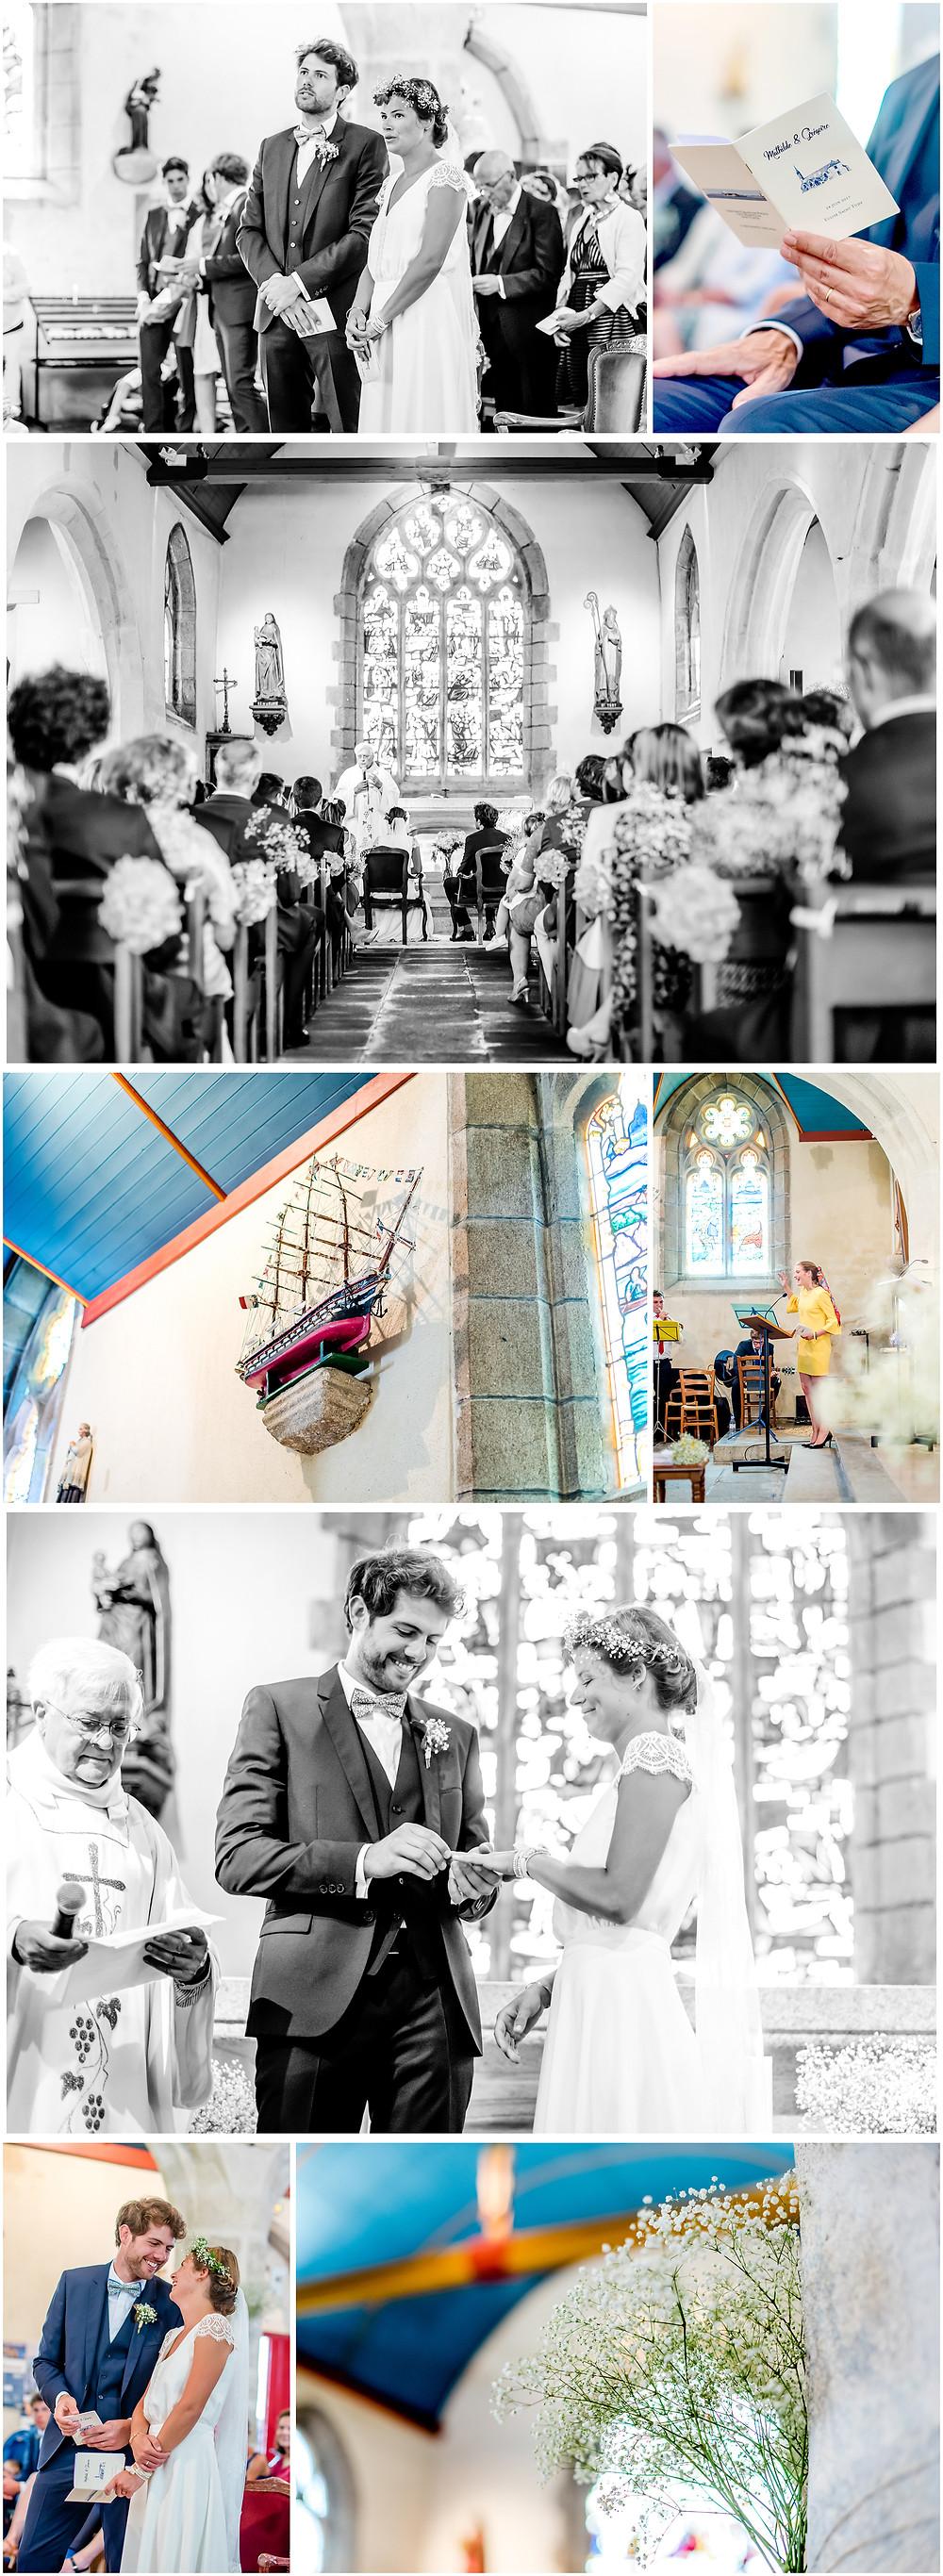 Mariage àl'Ile Tudy - Manoir de Kérouzien - photos église - Brigitte Delibes Photographie - Photographe Mariage Nantes